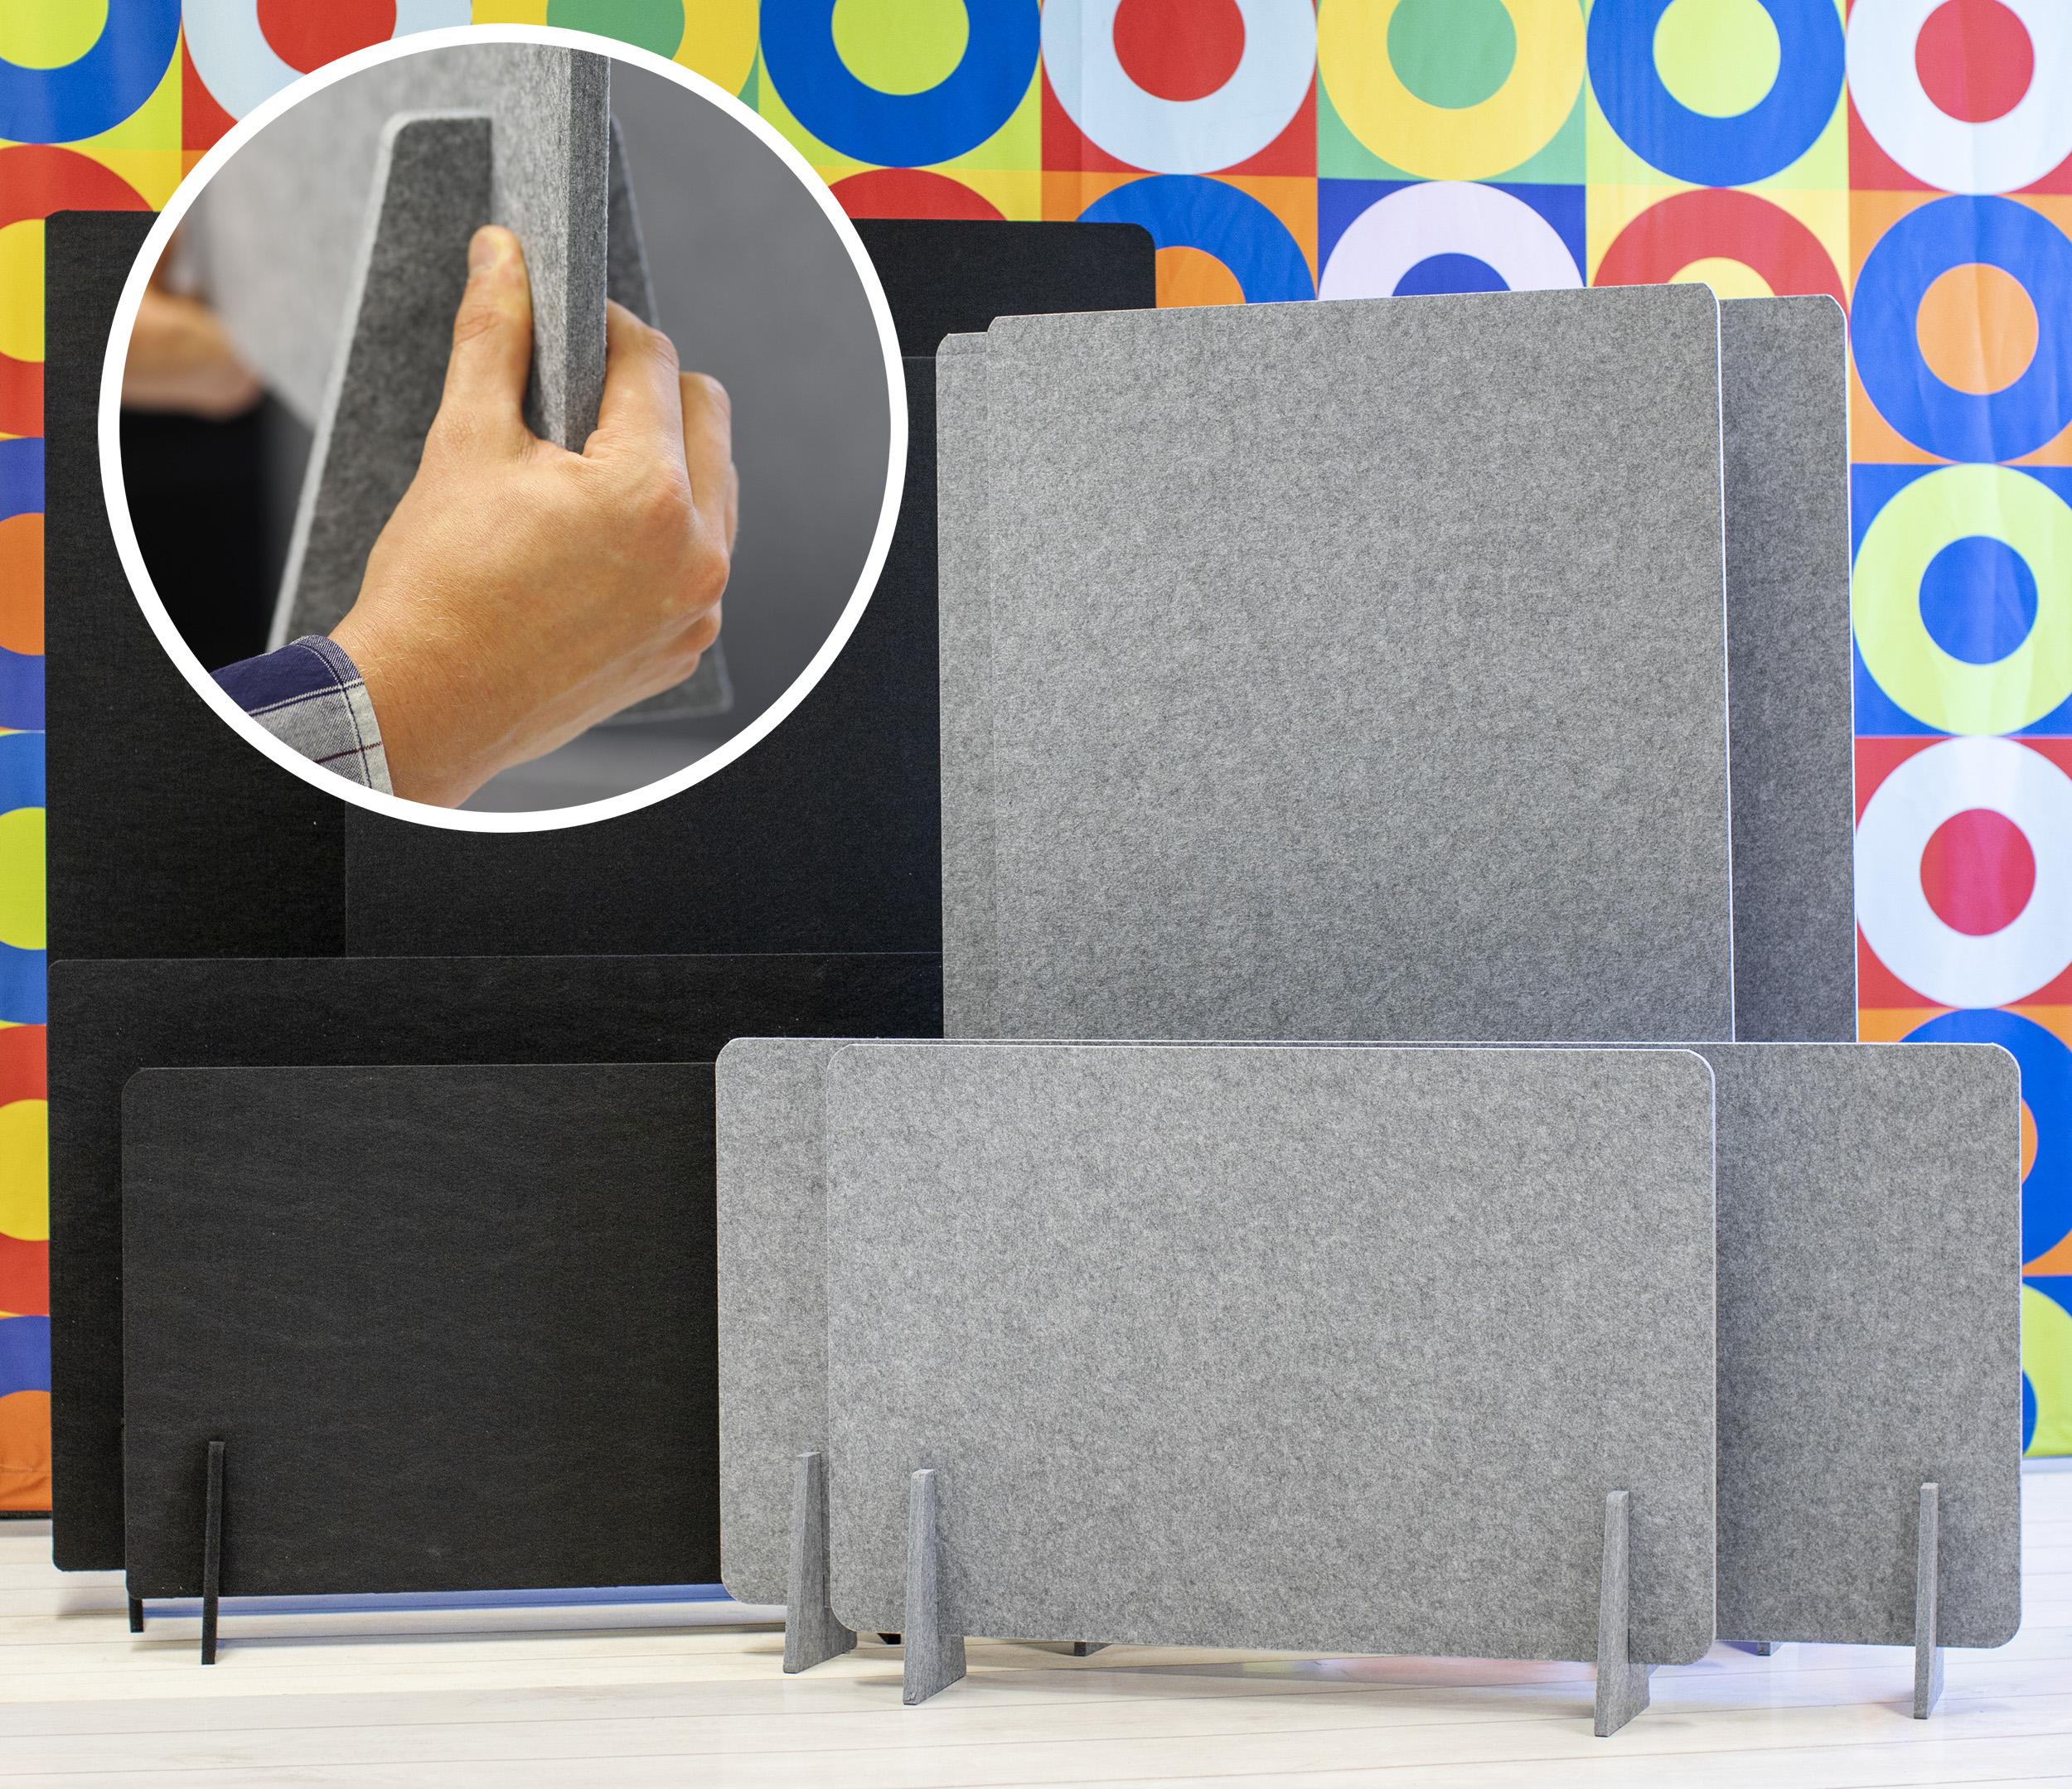 Akustoivat työpistesuoja ovat kätevä tapa rauhoittaa avotoimistojen melua. Työpistesuoja luot yksityisyyttä työpisteille ja sermejä on helppo siirtää.